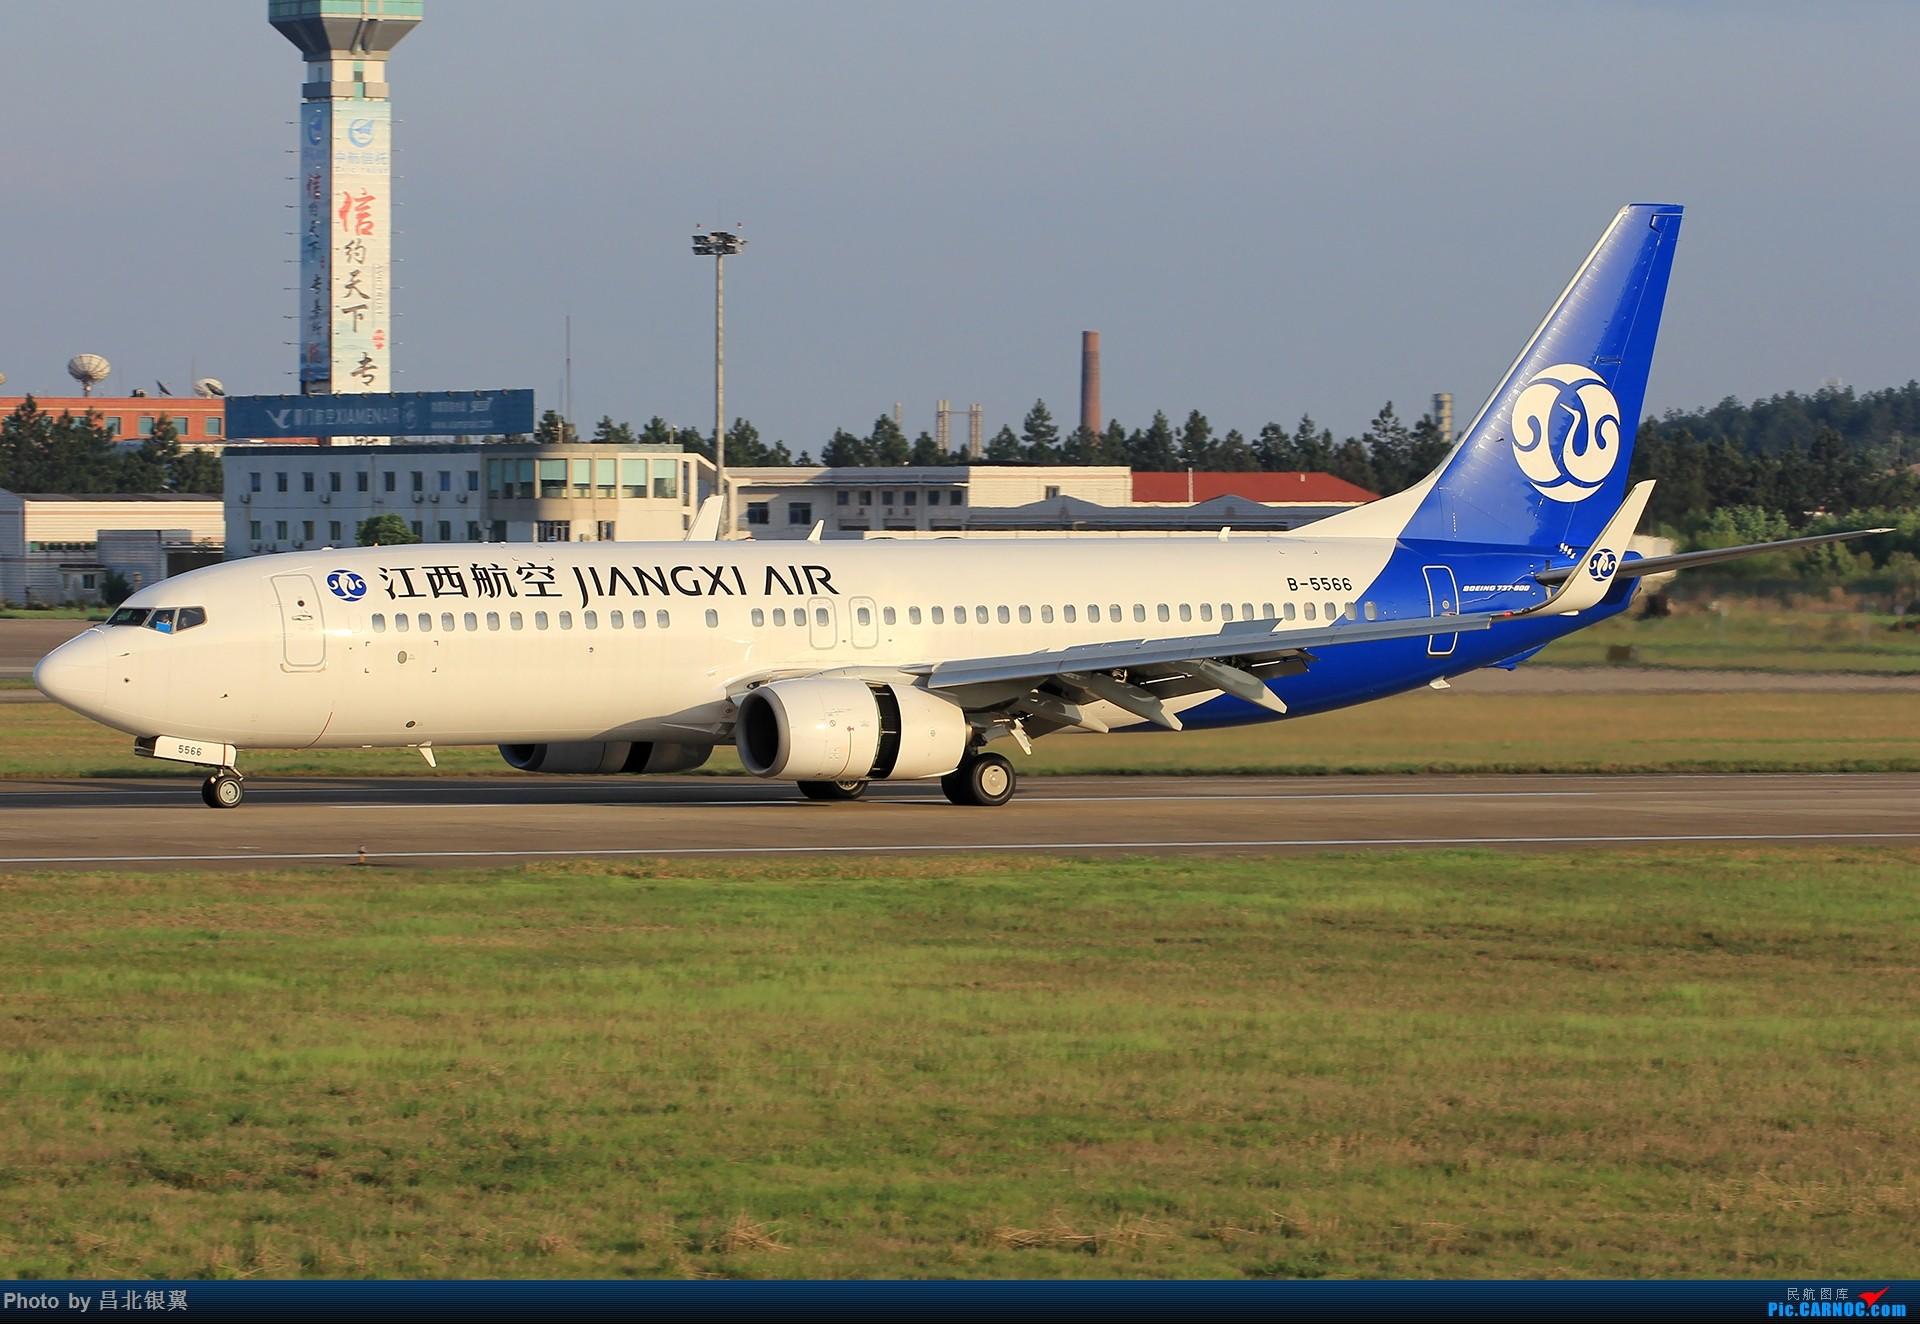 Re:[原创]【南昌飞友会】【1920*1280】江西航空 我们自己的航空 BOEING 737-800 B-5566 中国南昌昌北国际机场